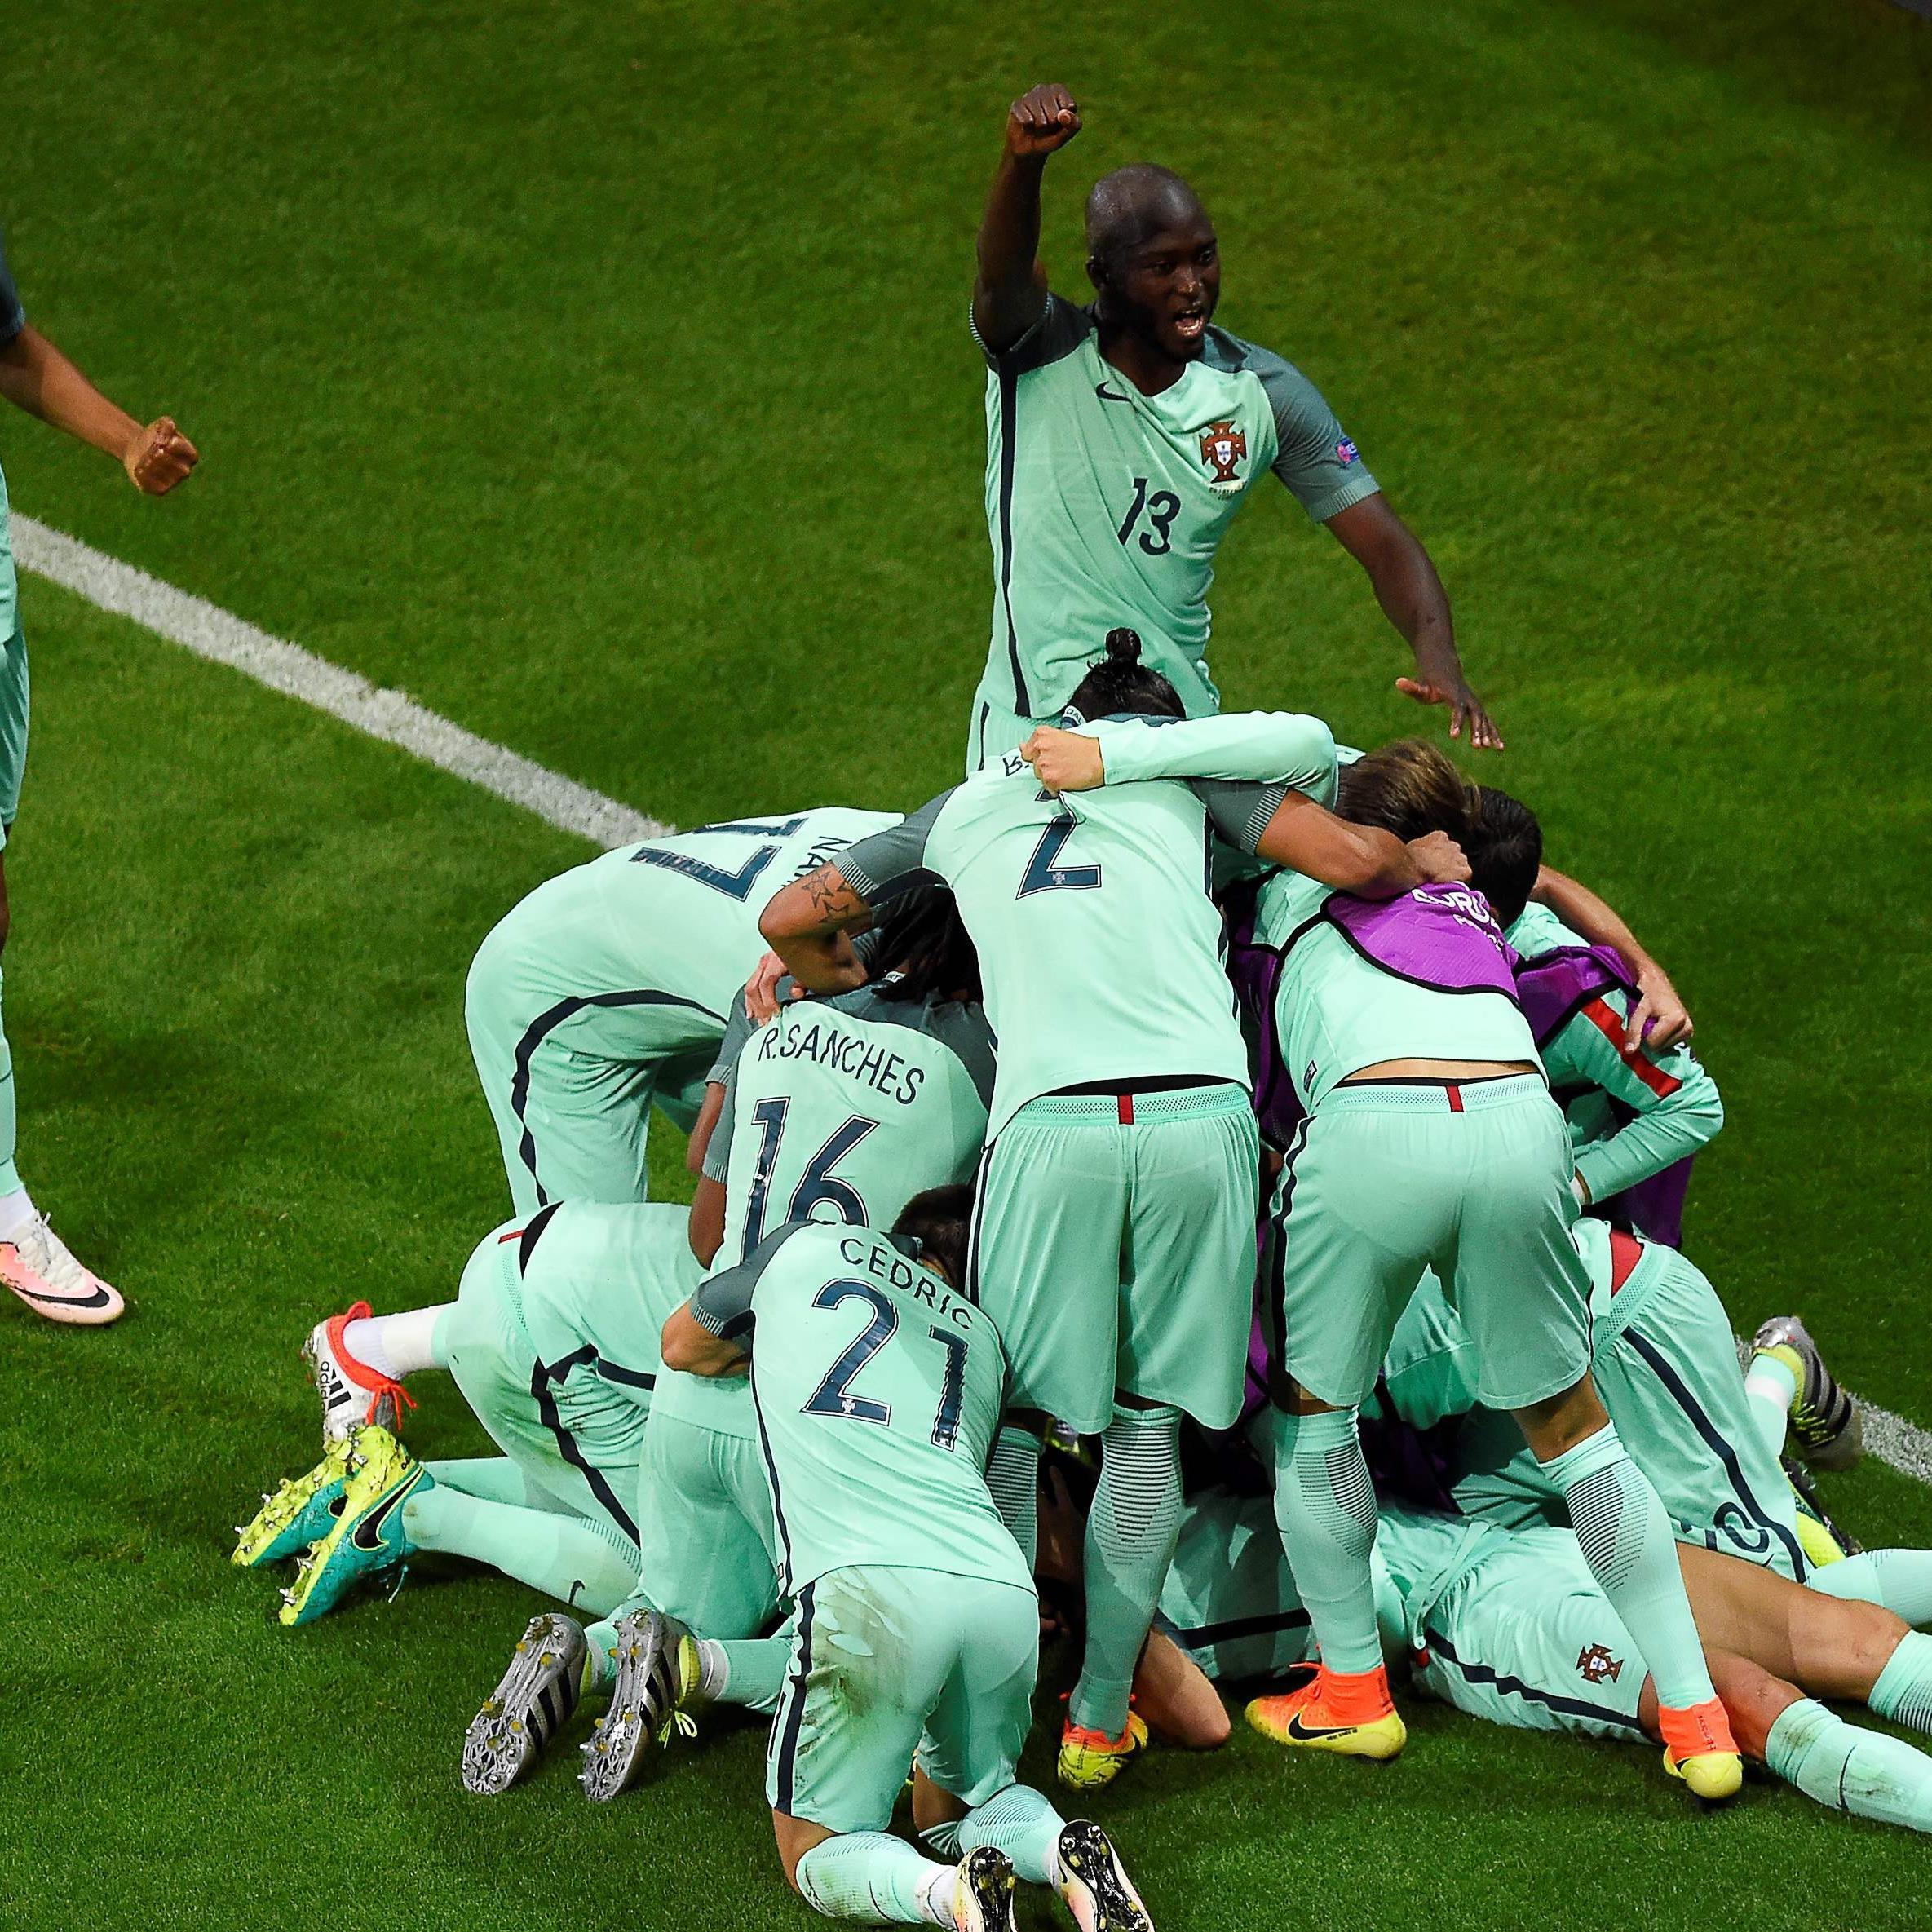 Großer Jubel bei Portugal über den Finaleinzug bei der Euro 2016.